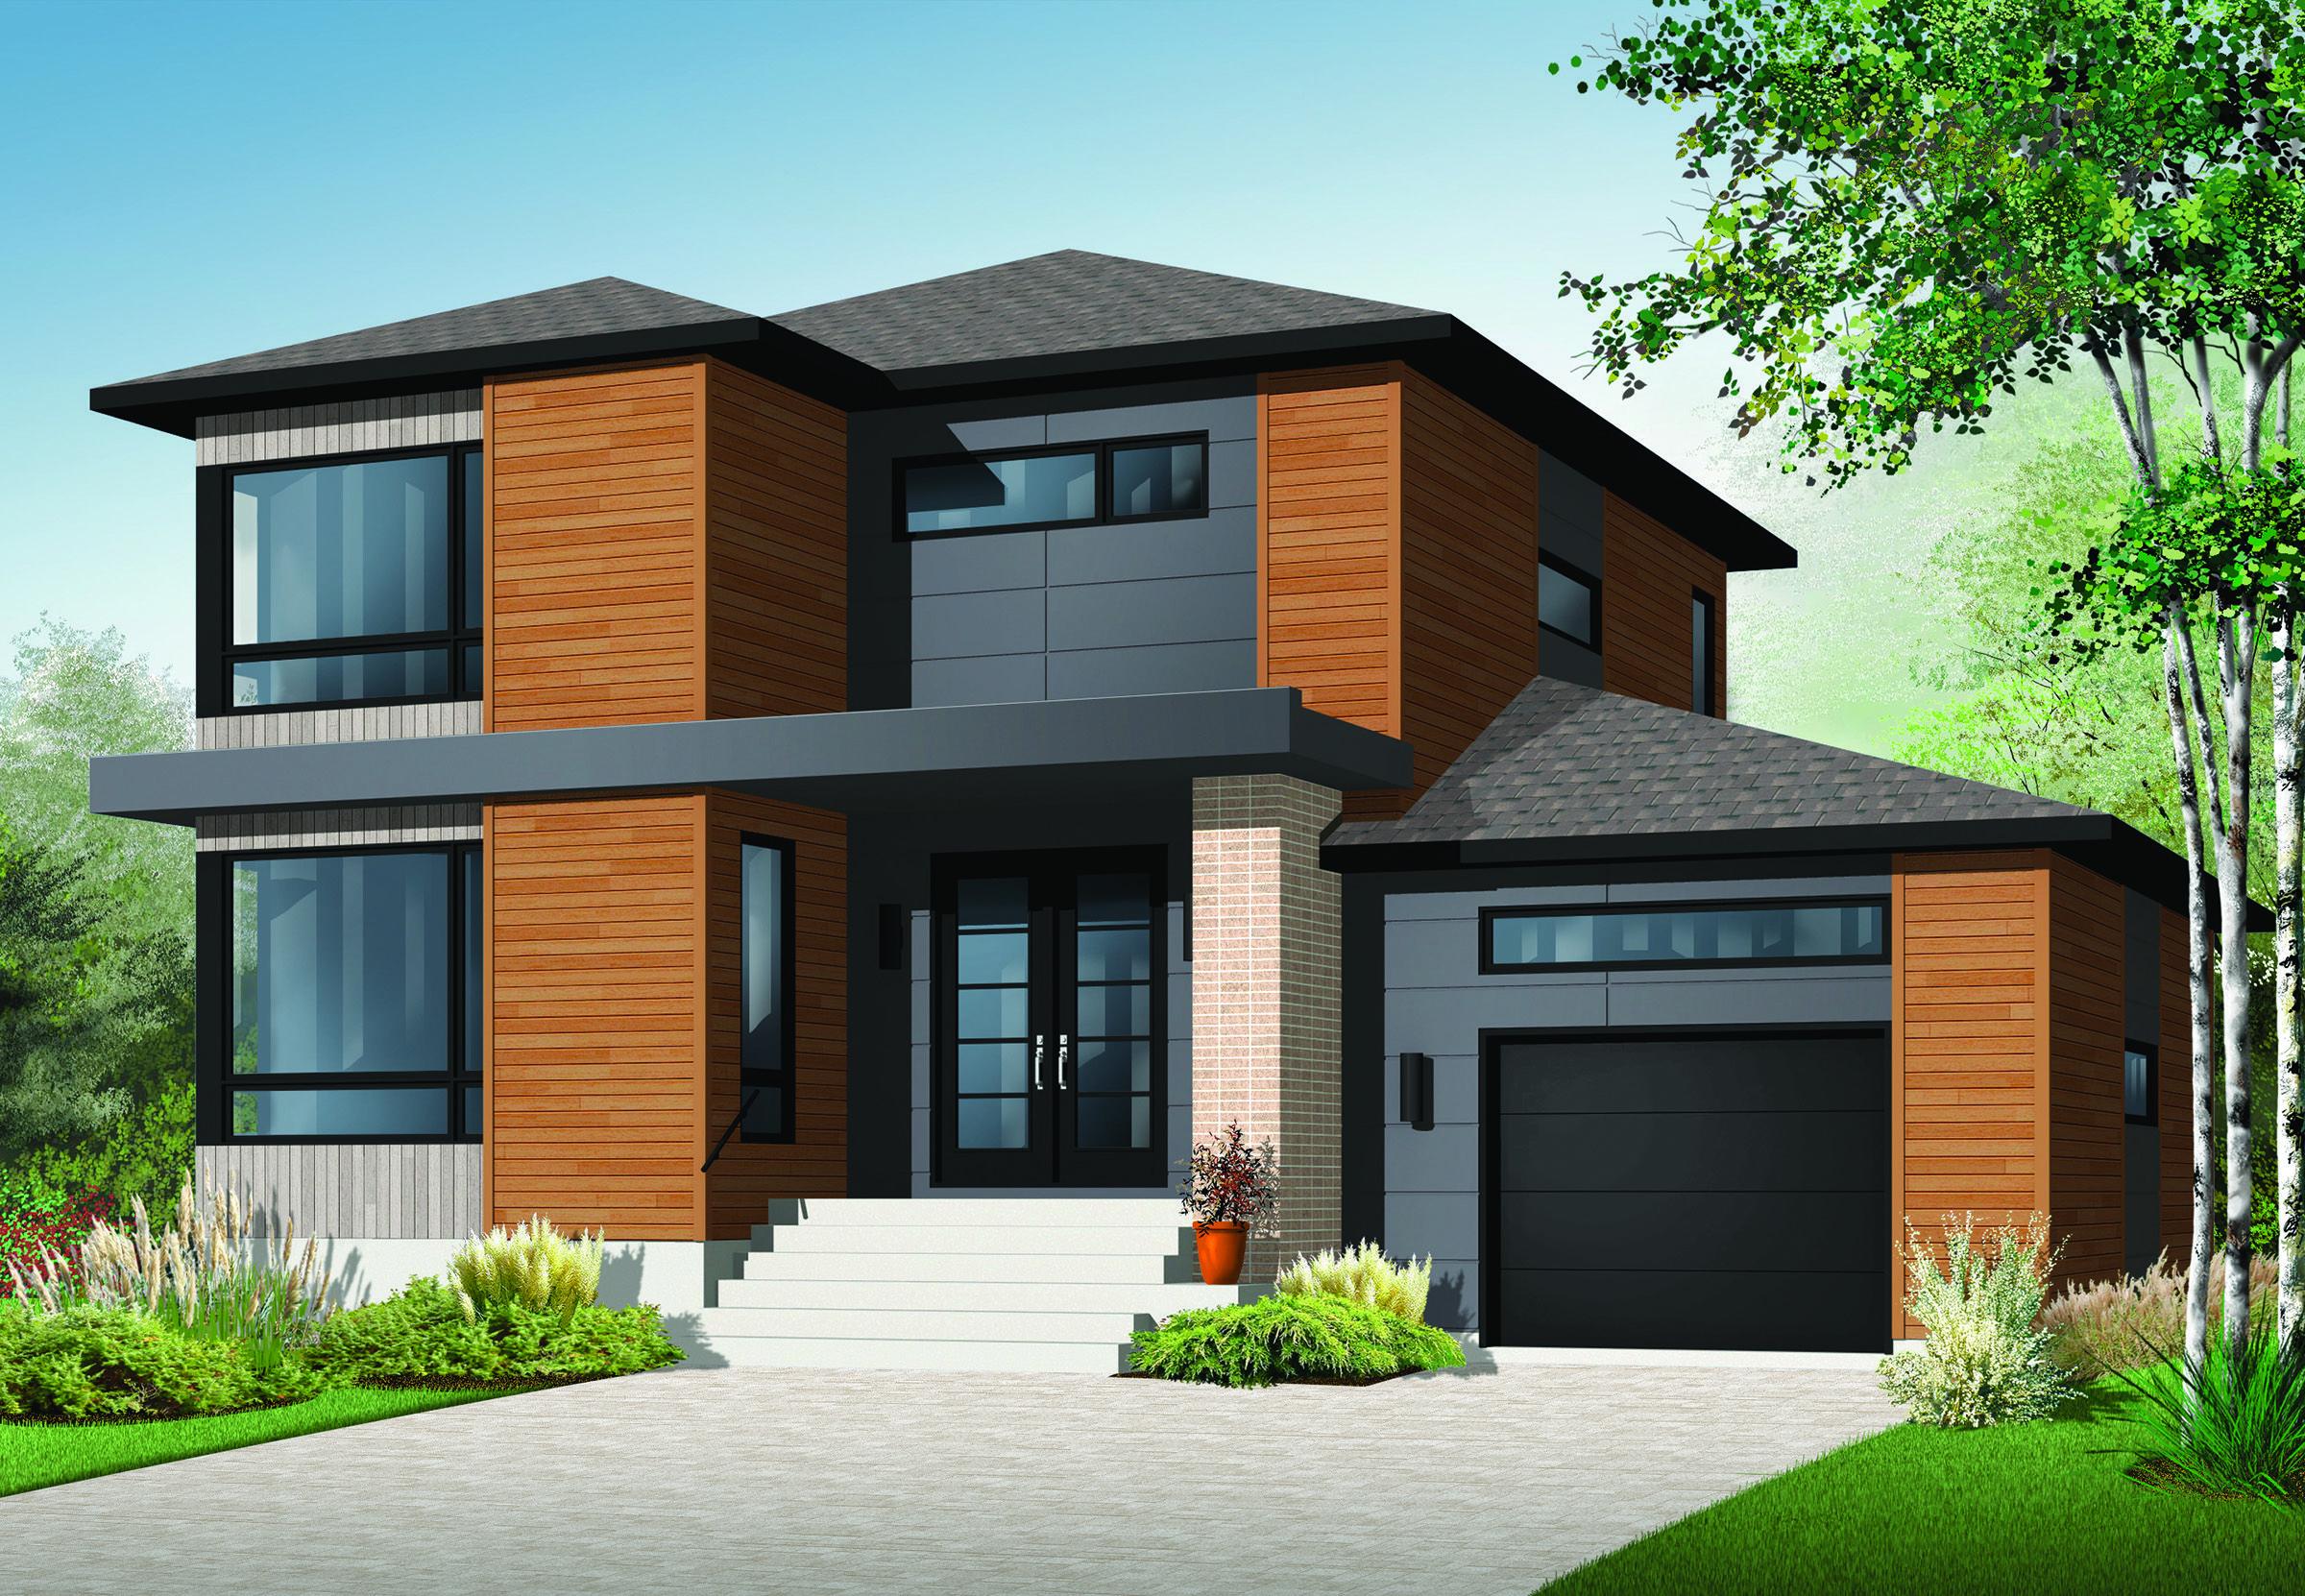 Plan 22322dr Stately Modern With Garage Contemporary House Plans Modern Style House Plans Modern Contemporary House Plans